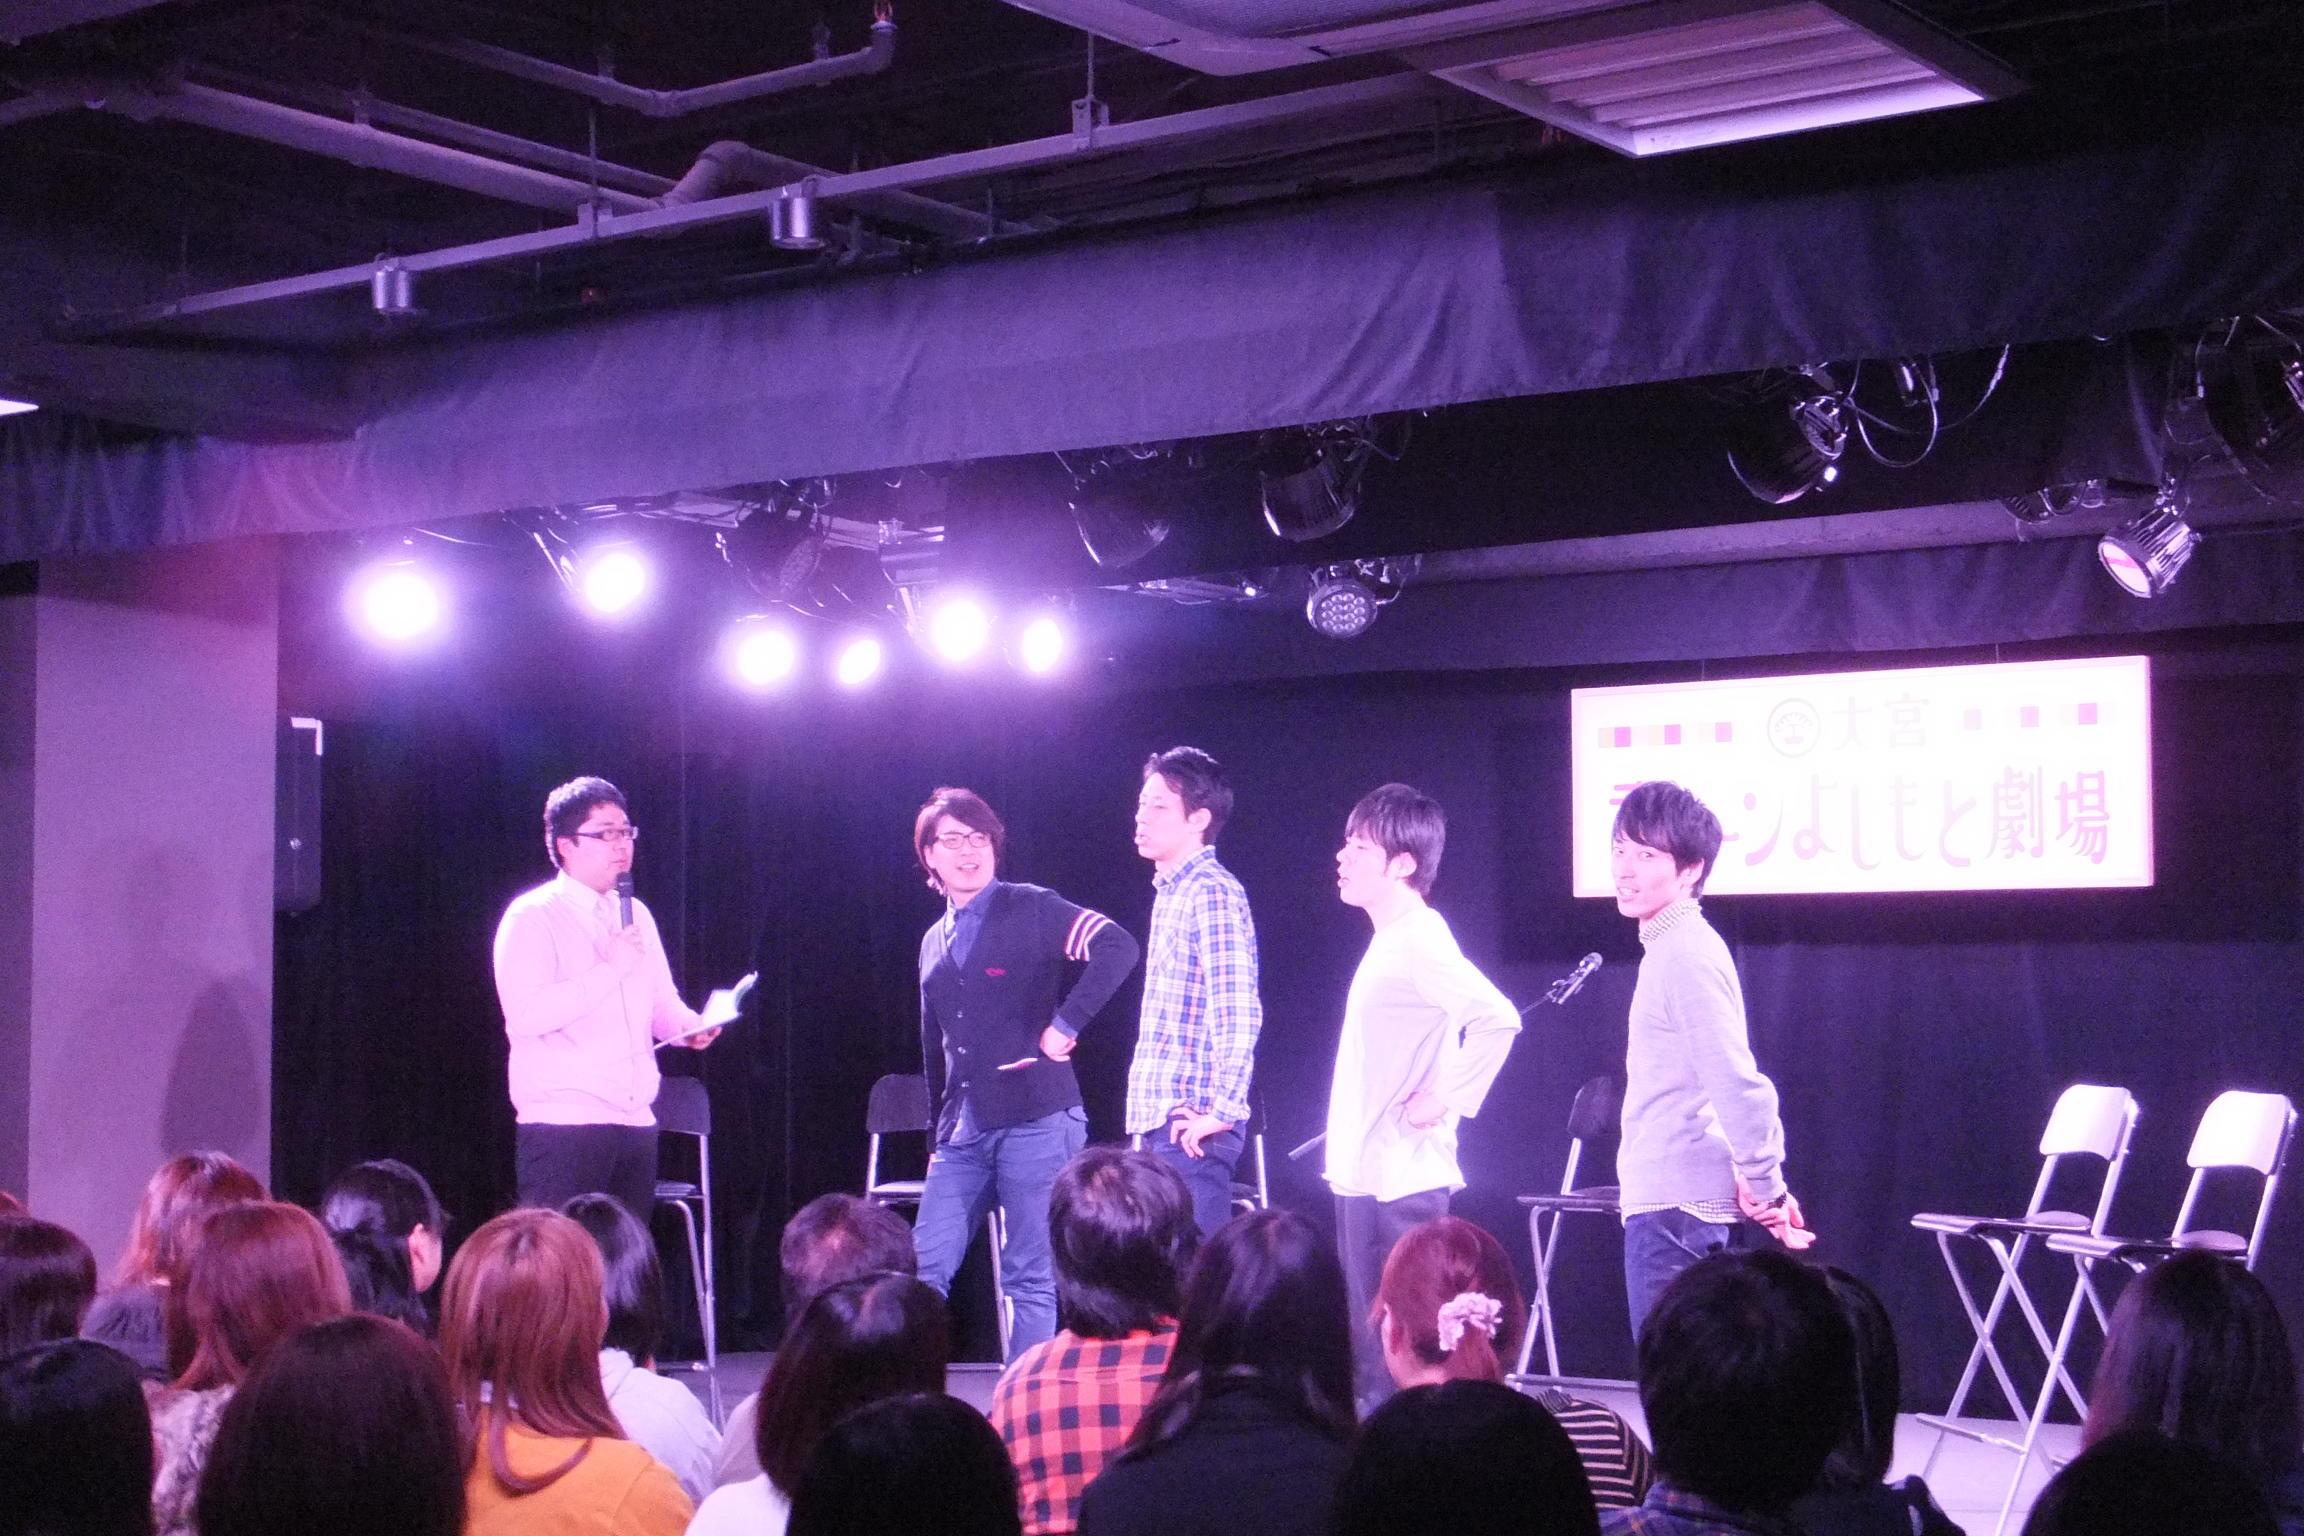 http://news.yoshimoto.co.jp/20151130174959-078ac435d76d66f63f4bad2533af9a65f1624db6.jpg